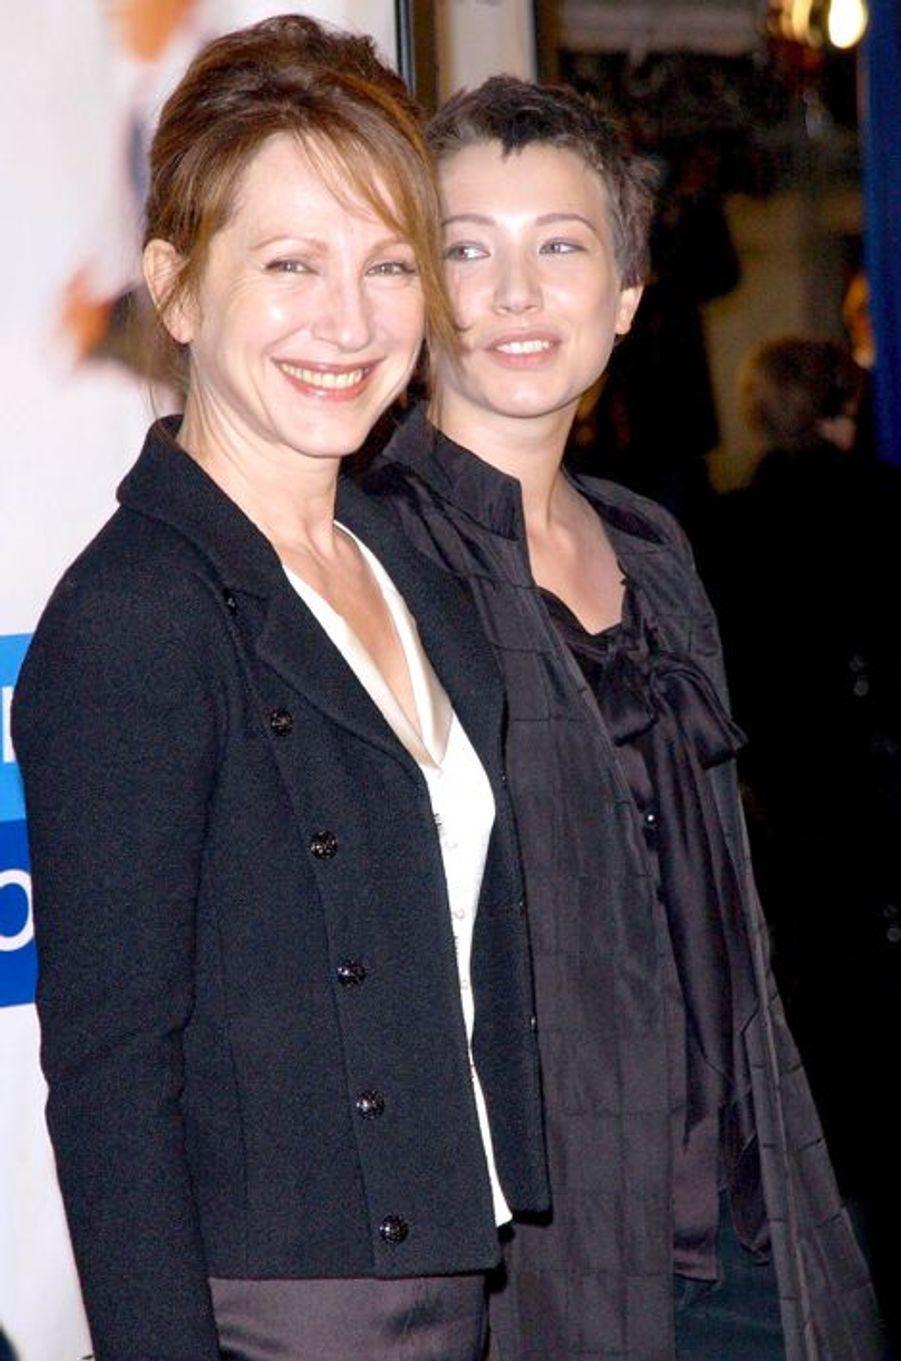 """Nathalie et Laura à l'avant-première de """"Arrête-moi si tu peux"""", le 16 décembre 2002"""